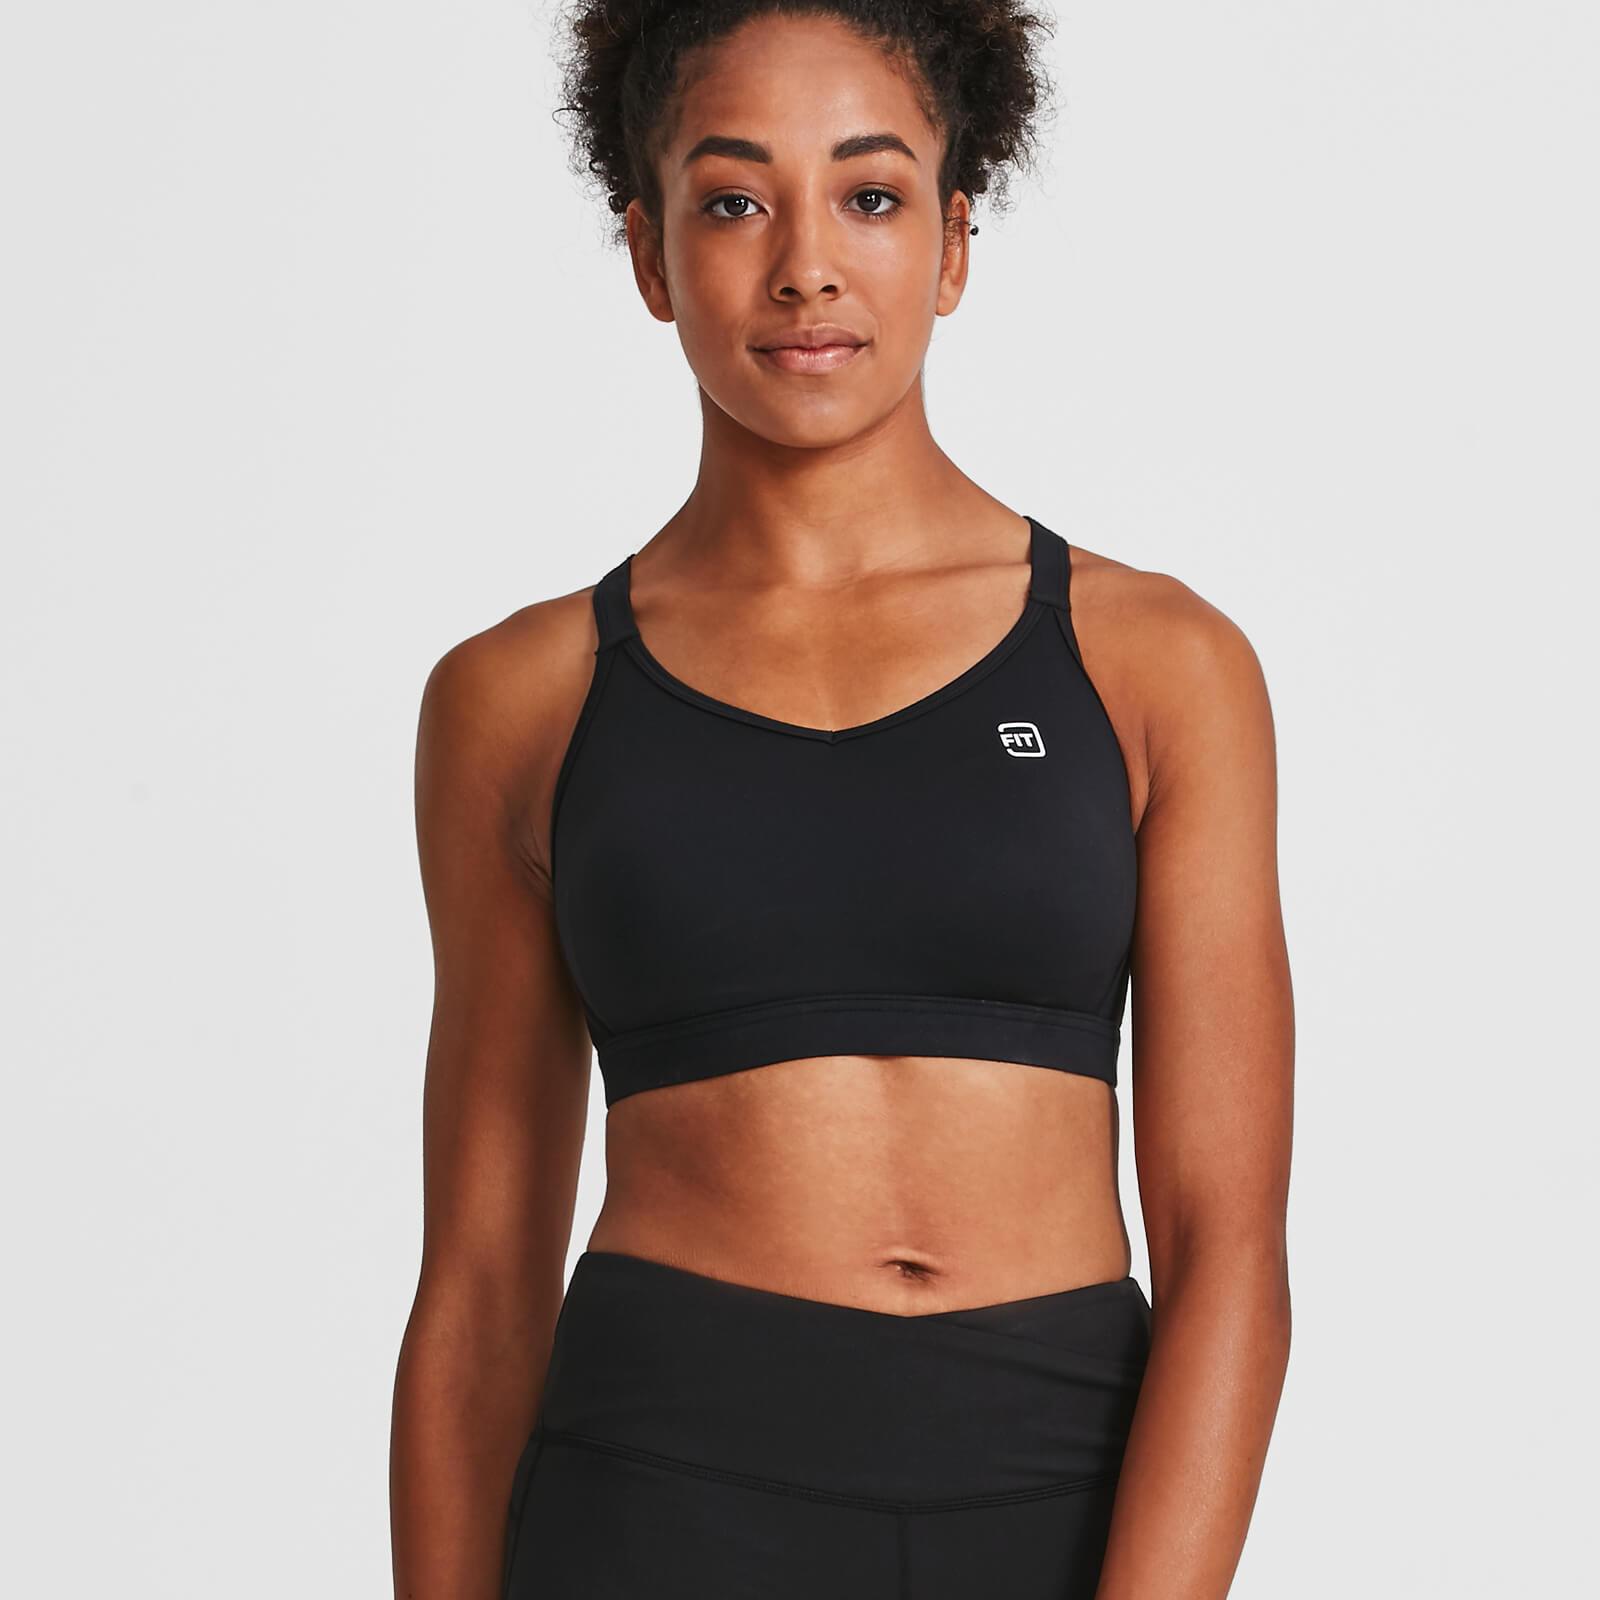 IdealFit Core Sports Bra - Black - S - Black